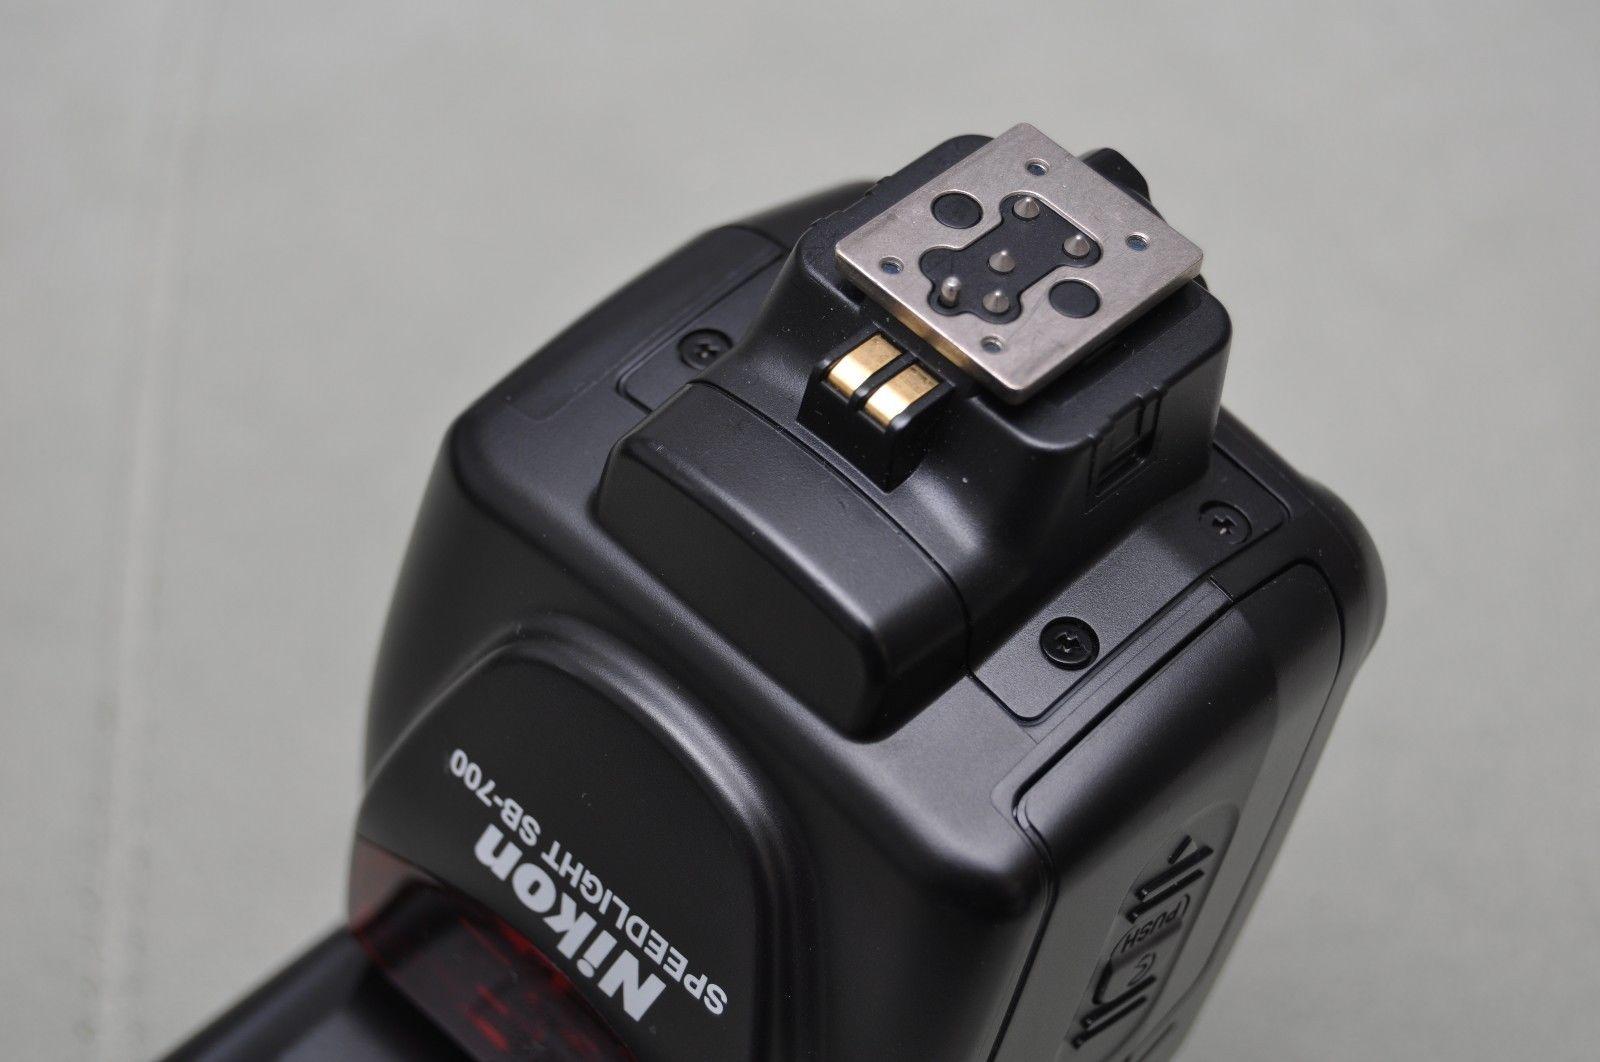 Nikon Sb-700 Speedlight Flash Unit Nikon Speedlight Sb-700 Flash